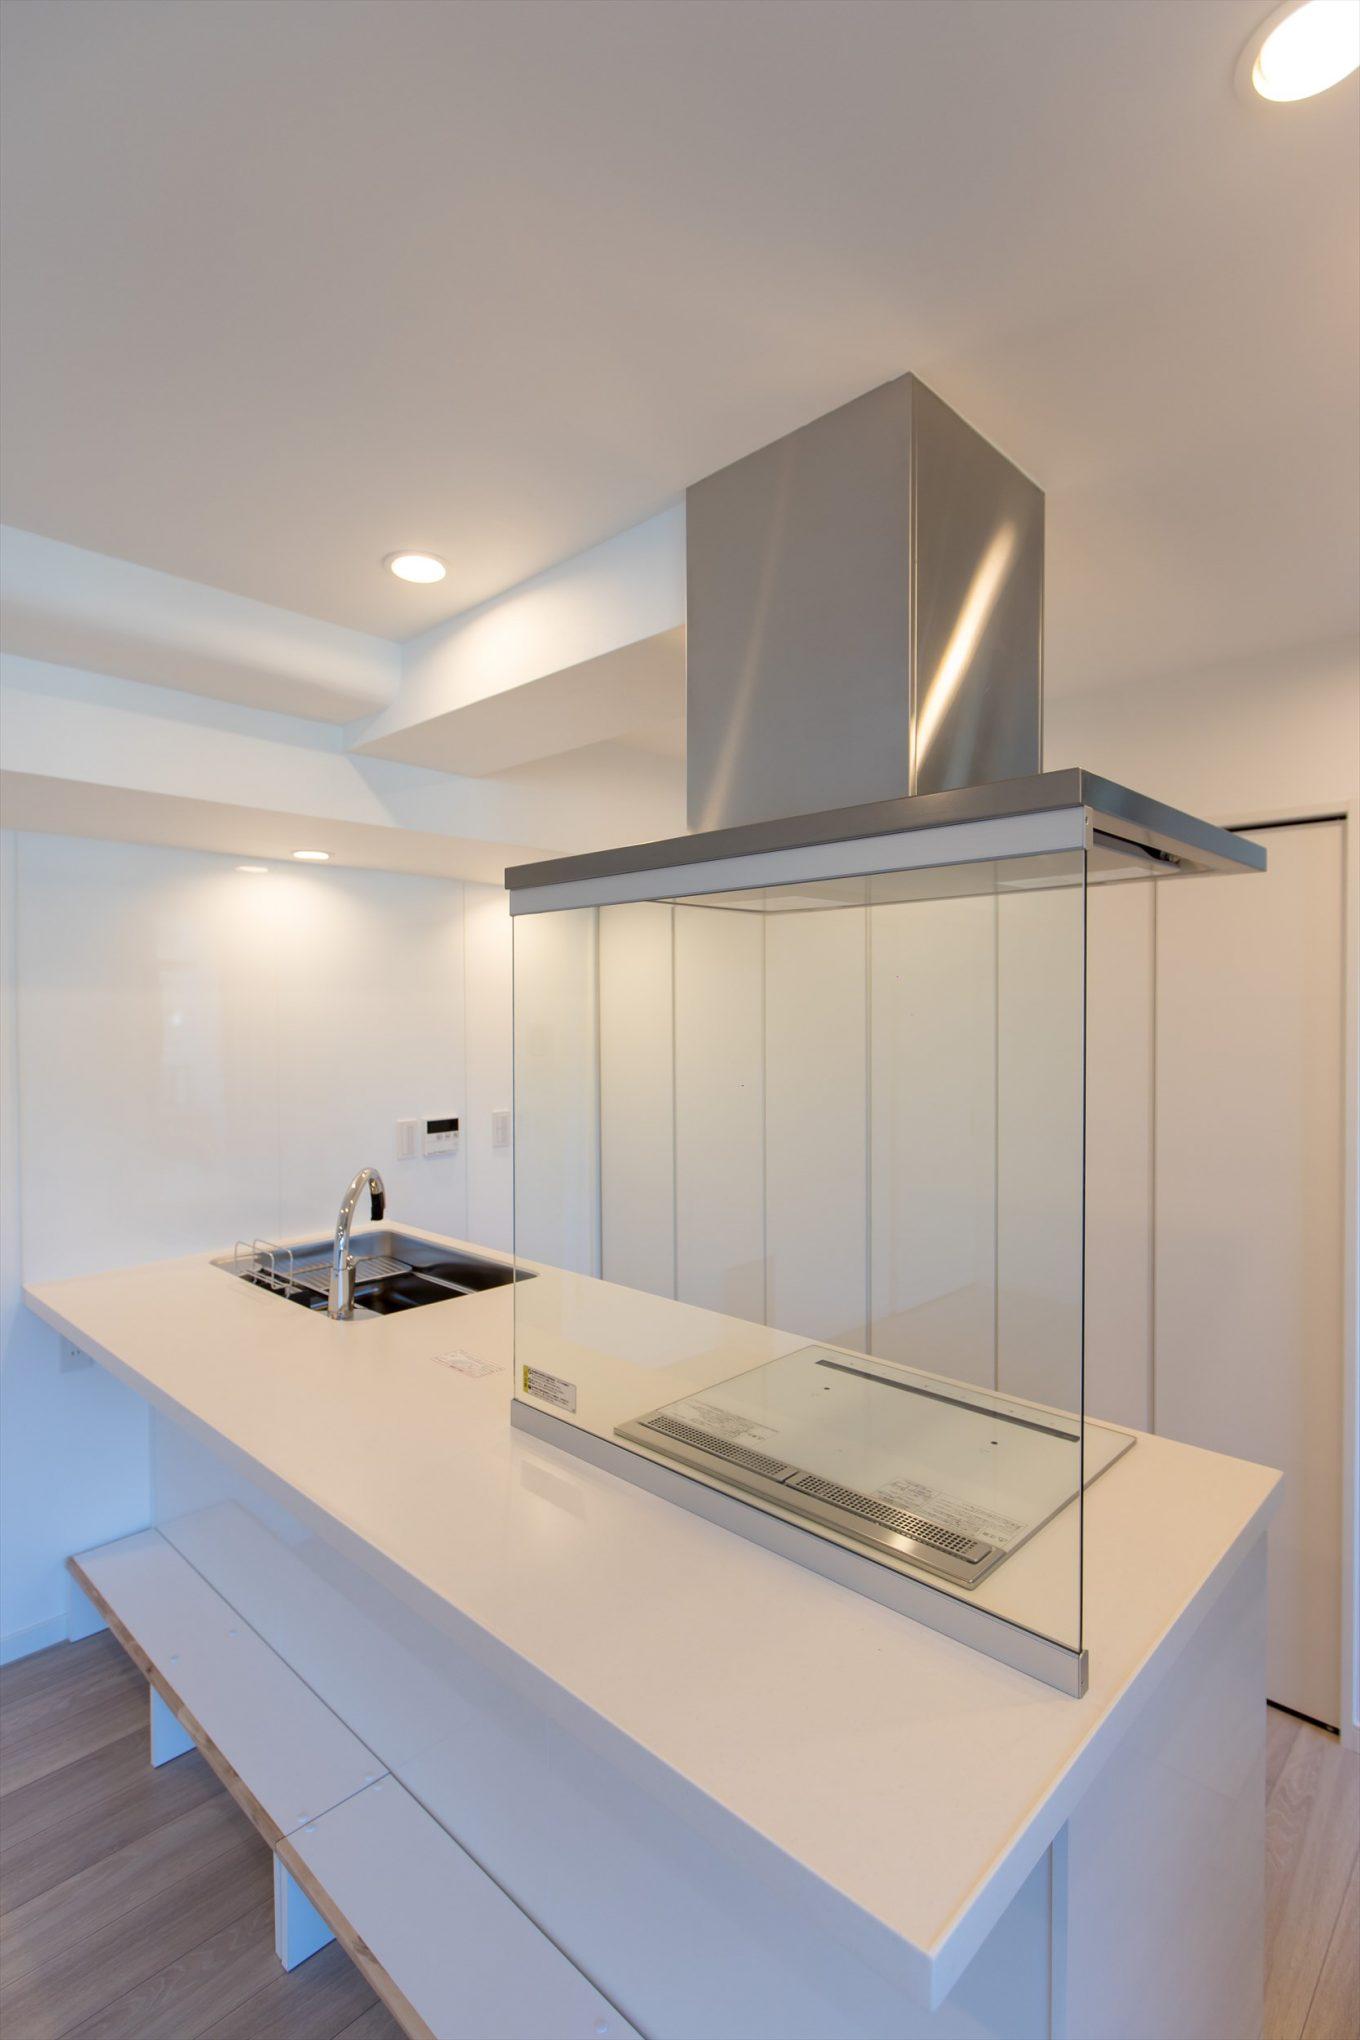 透明のガードで油跳ね防止と広さを見せるキッチン